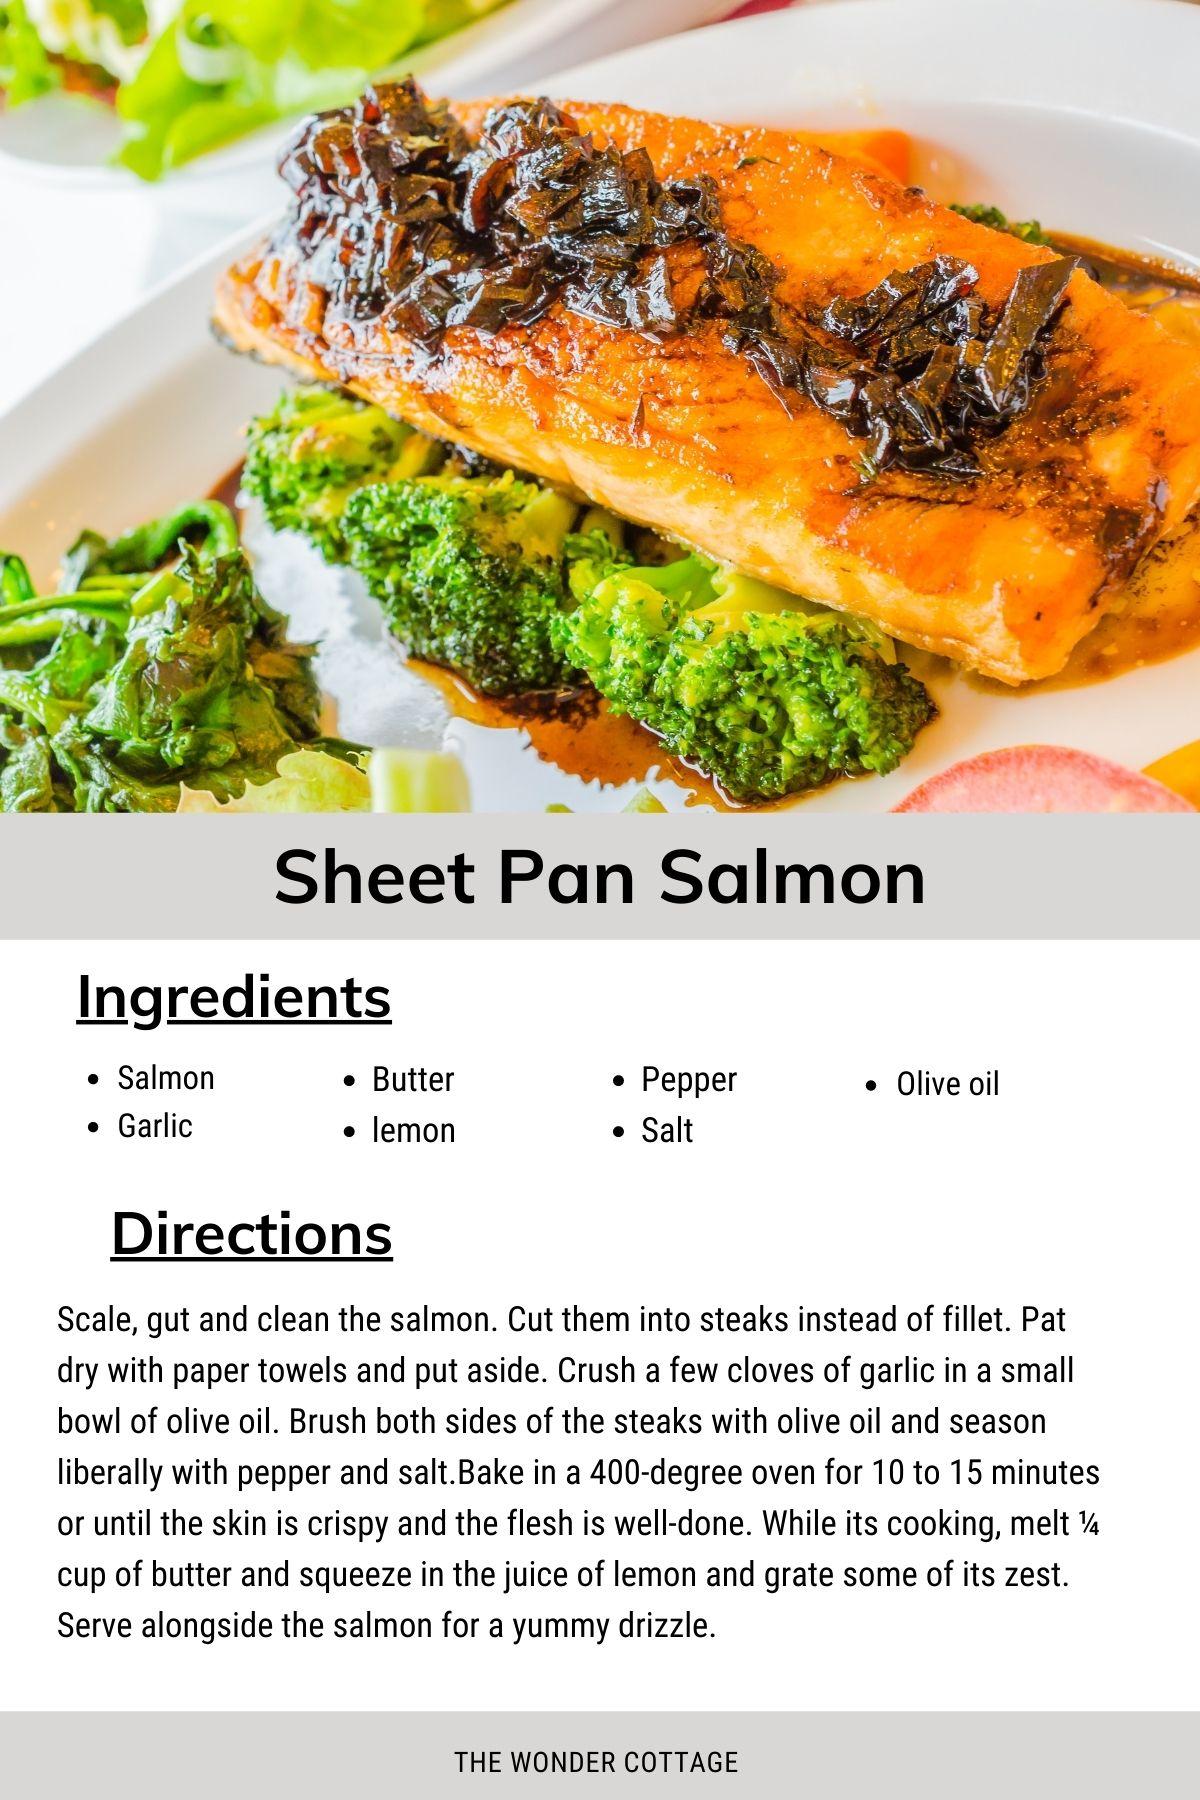 sheet pan salmon - fresh fish recipe